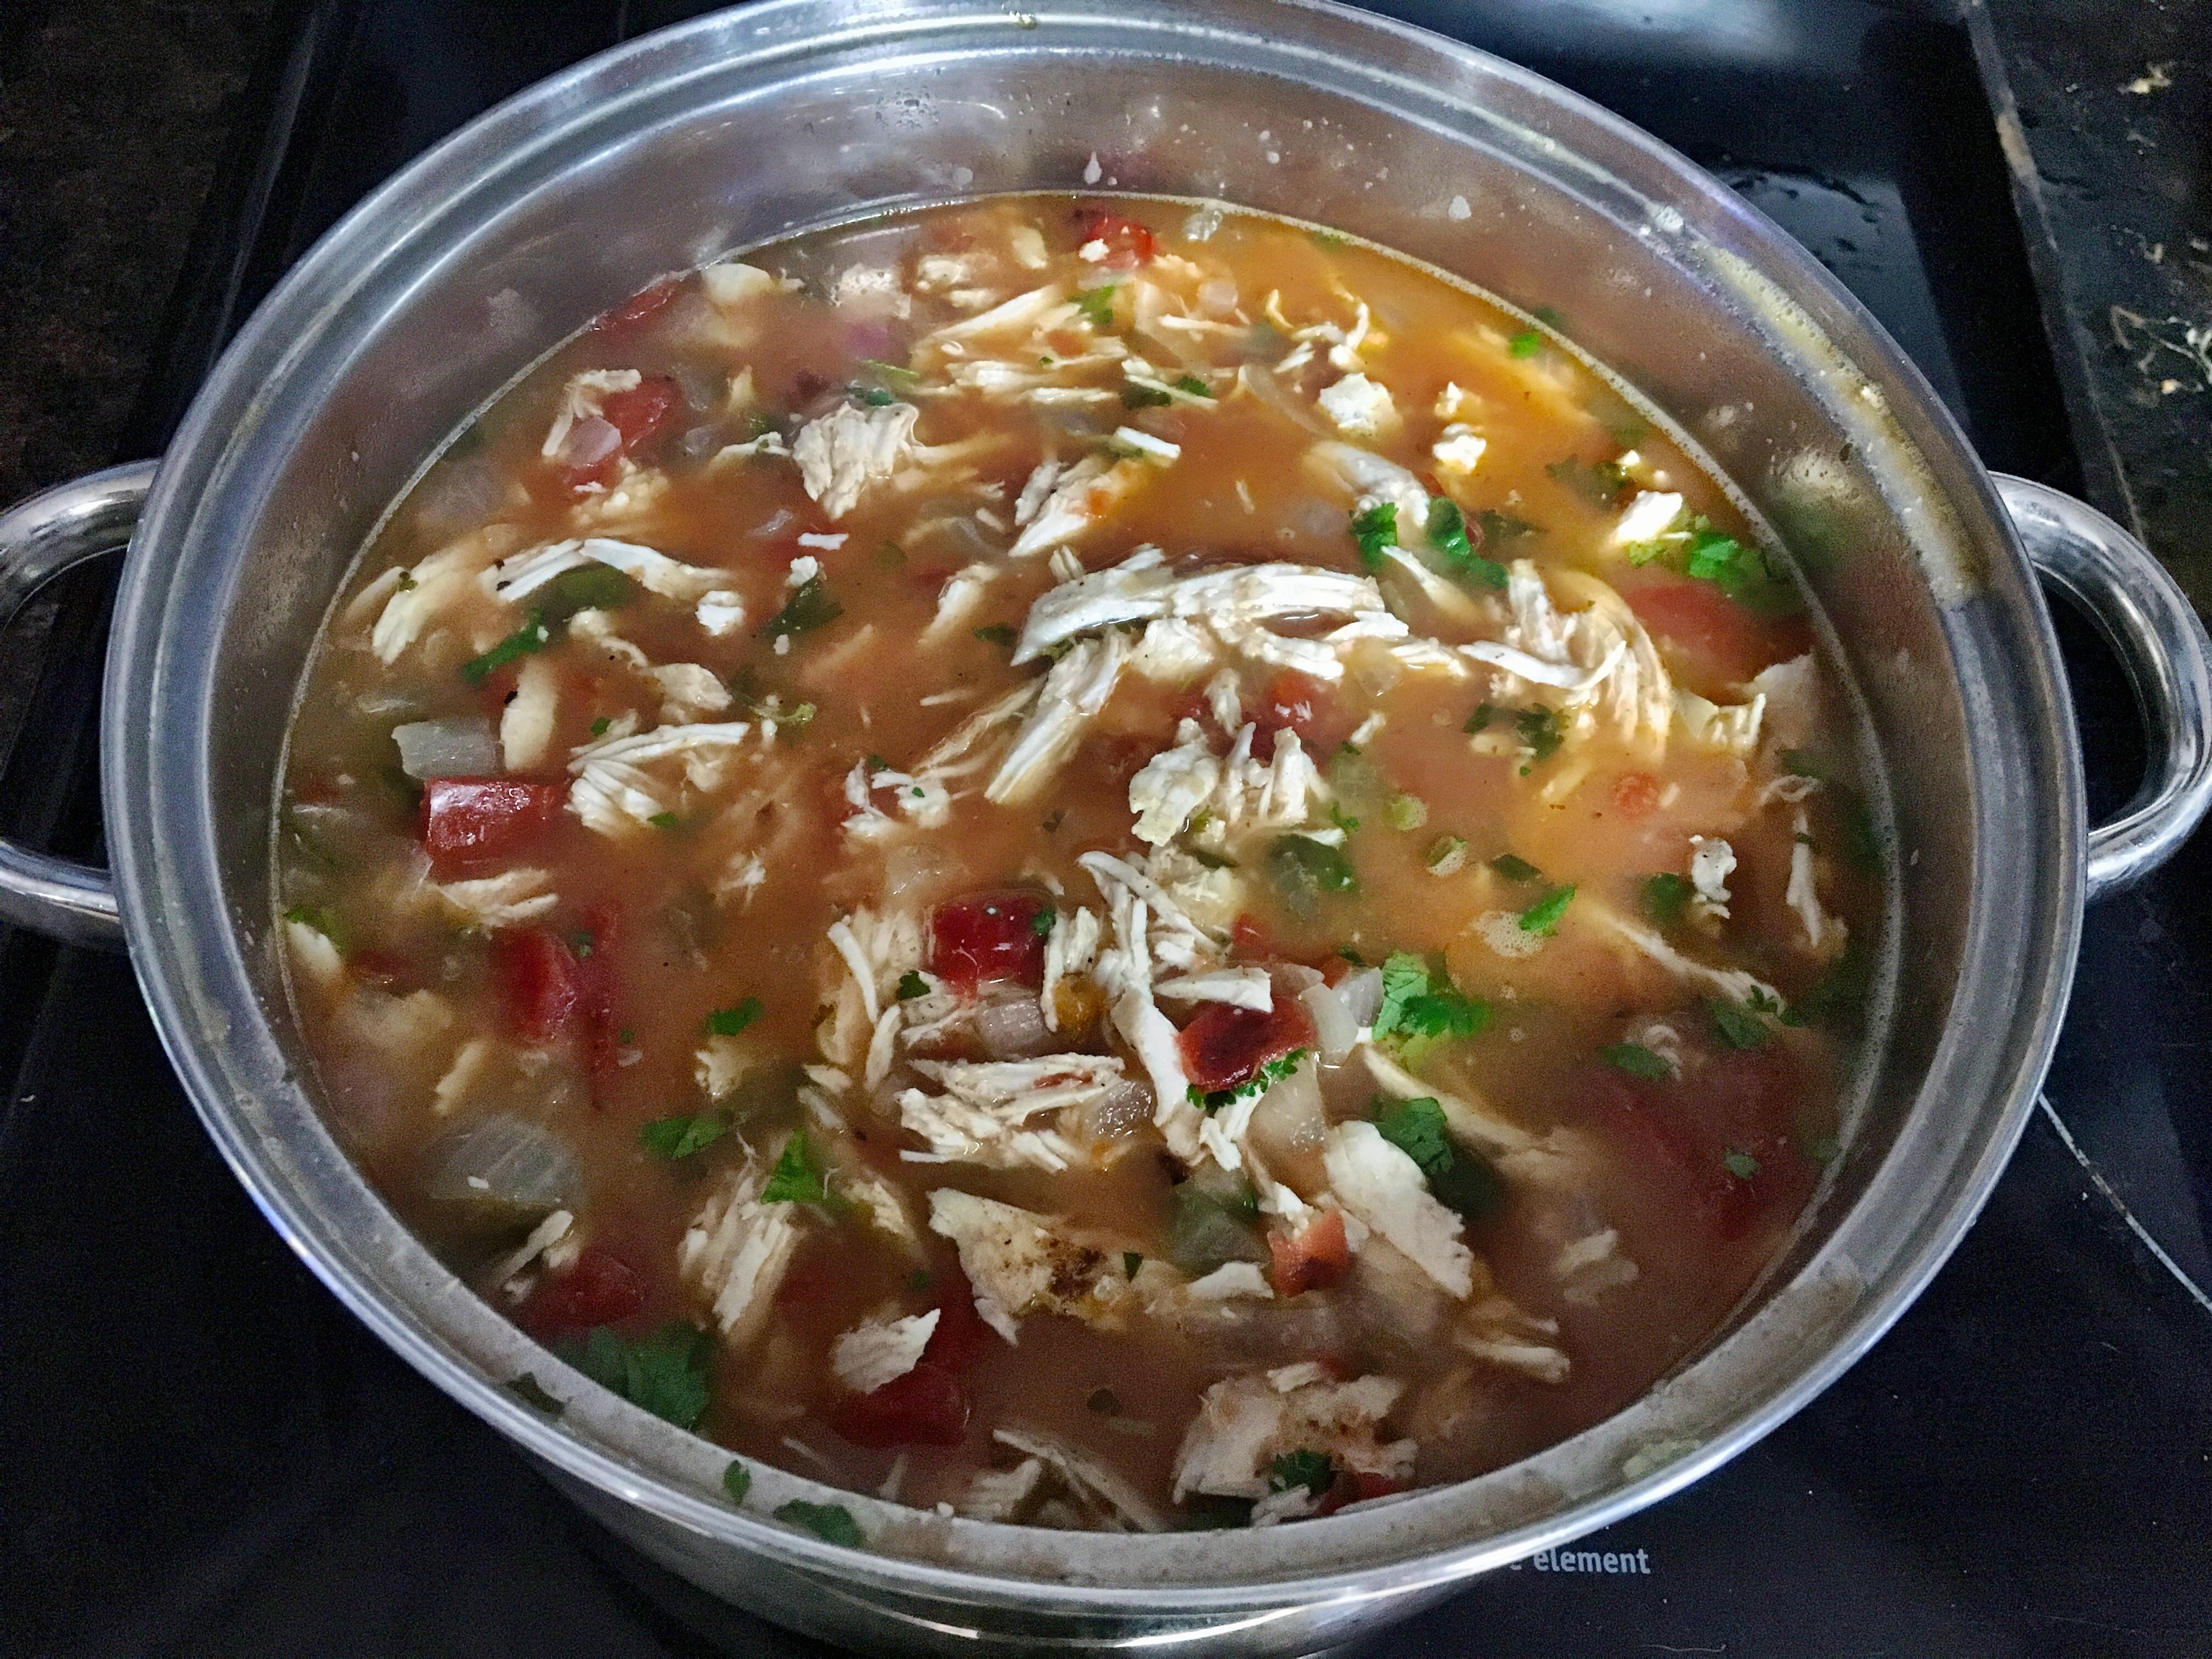 Chicken Tortilla-less soup